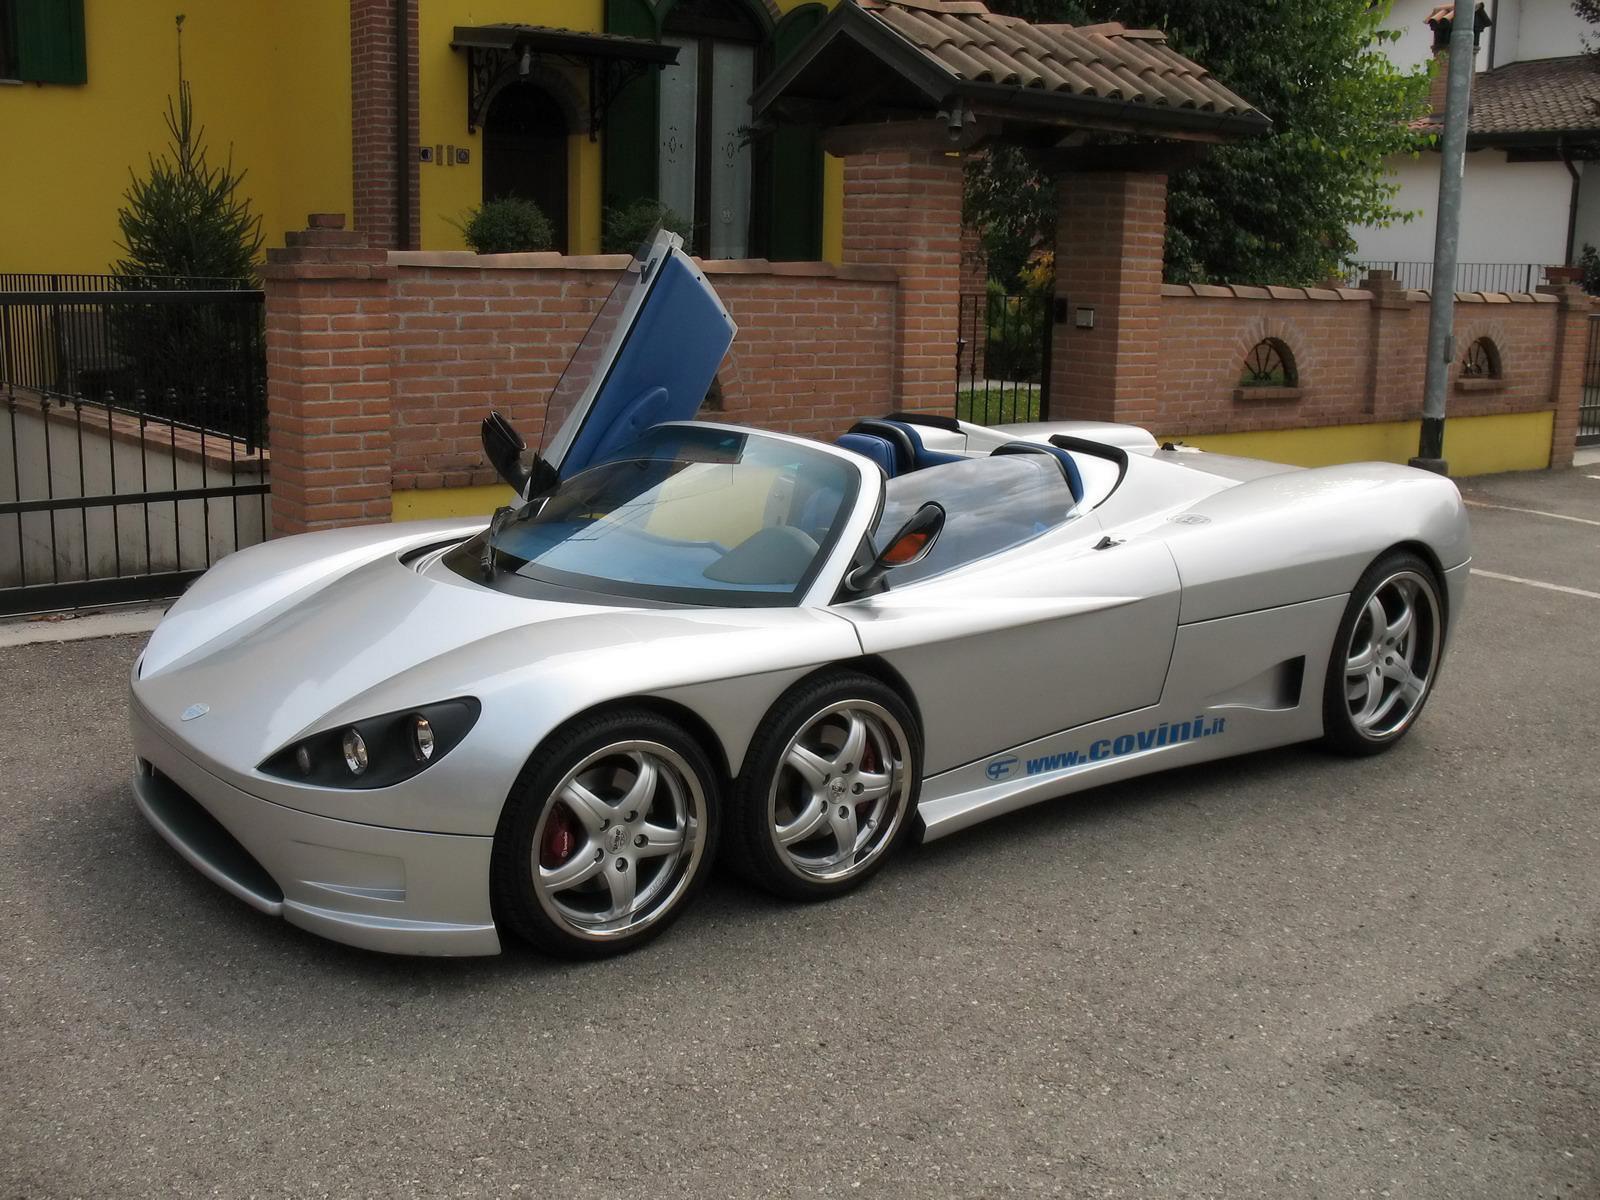 2009 Covini C6w Spider 001